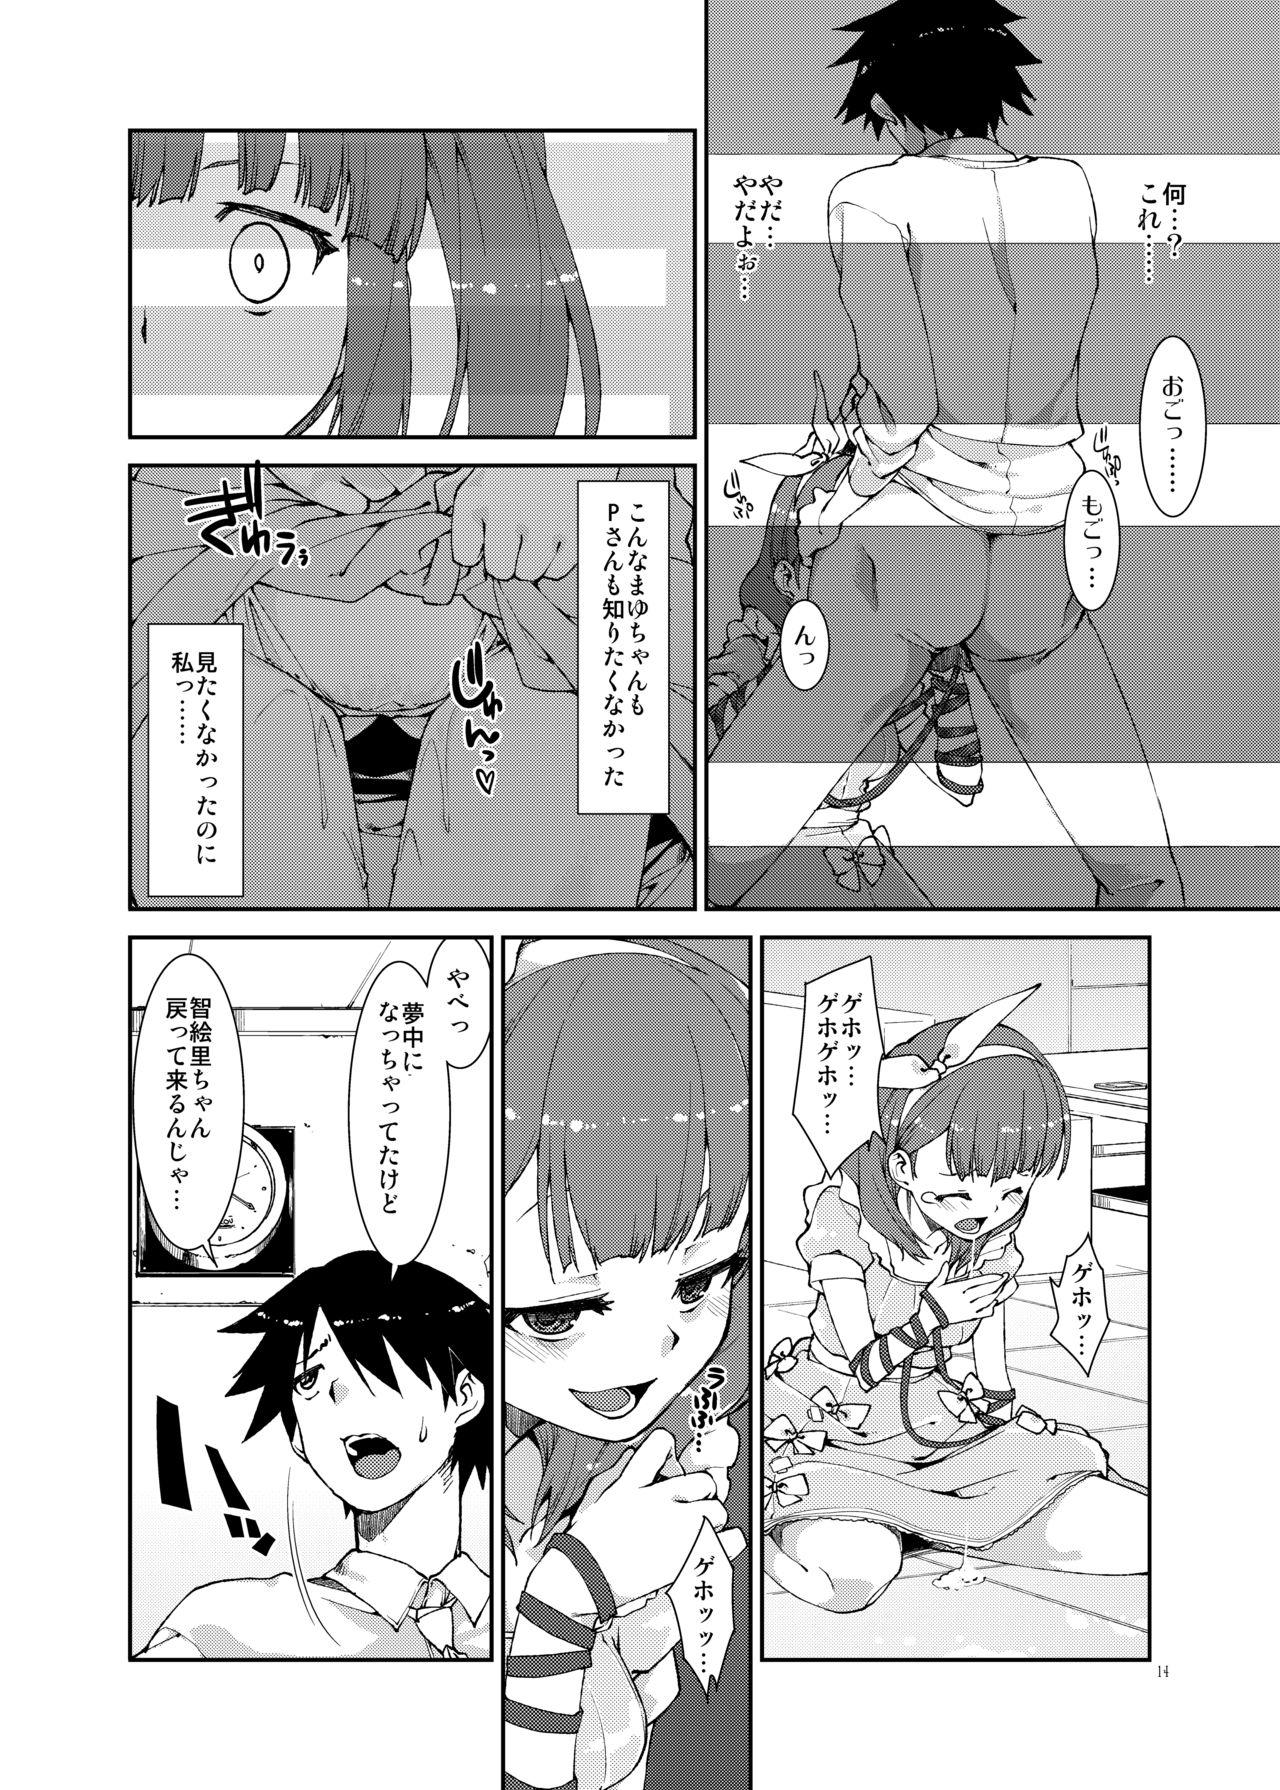 Sekai de Ichiban Aishitemasu yo ne? 14